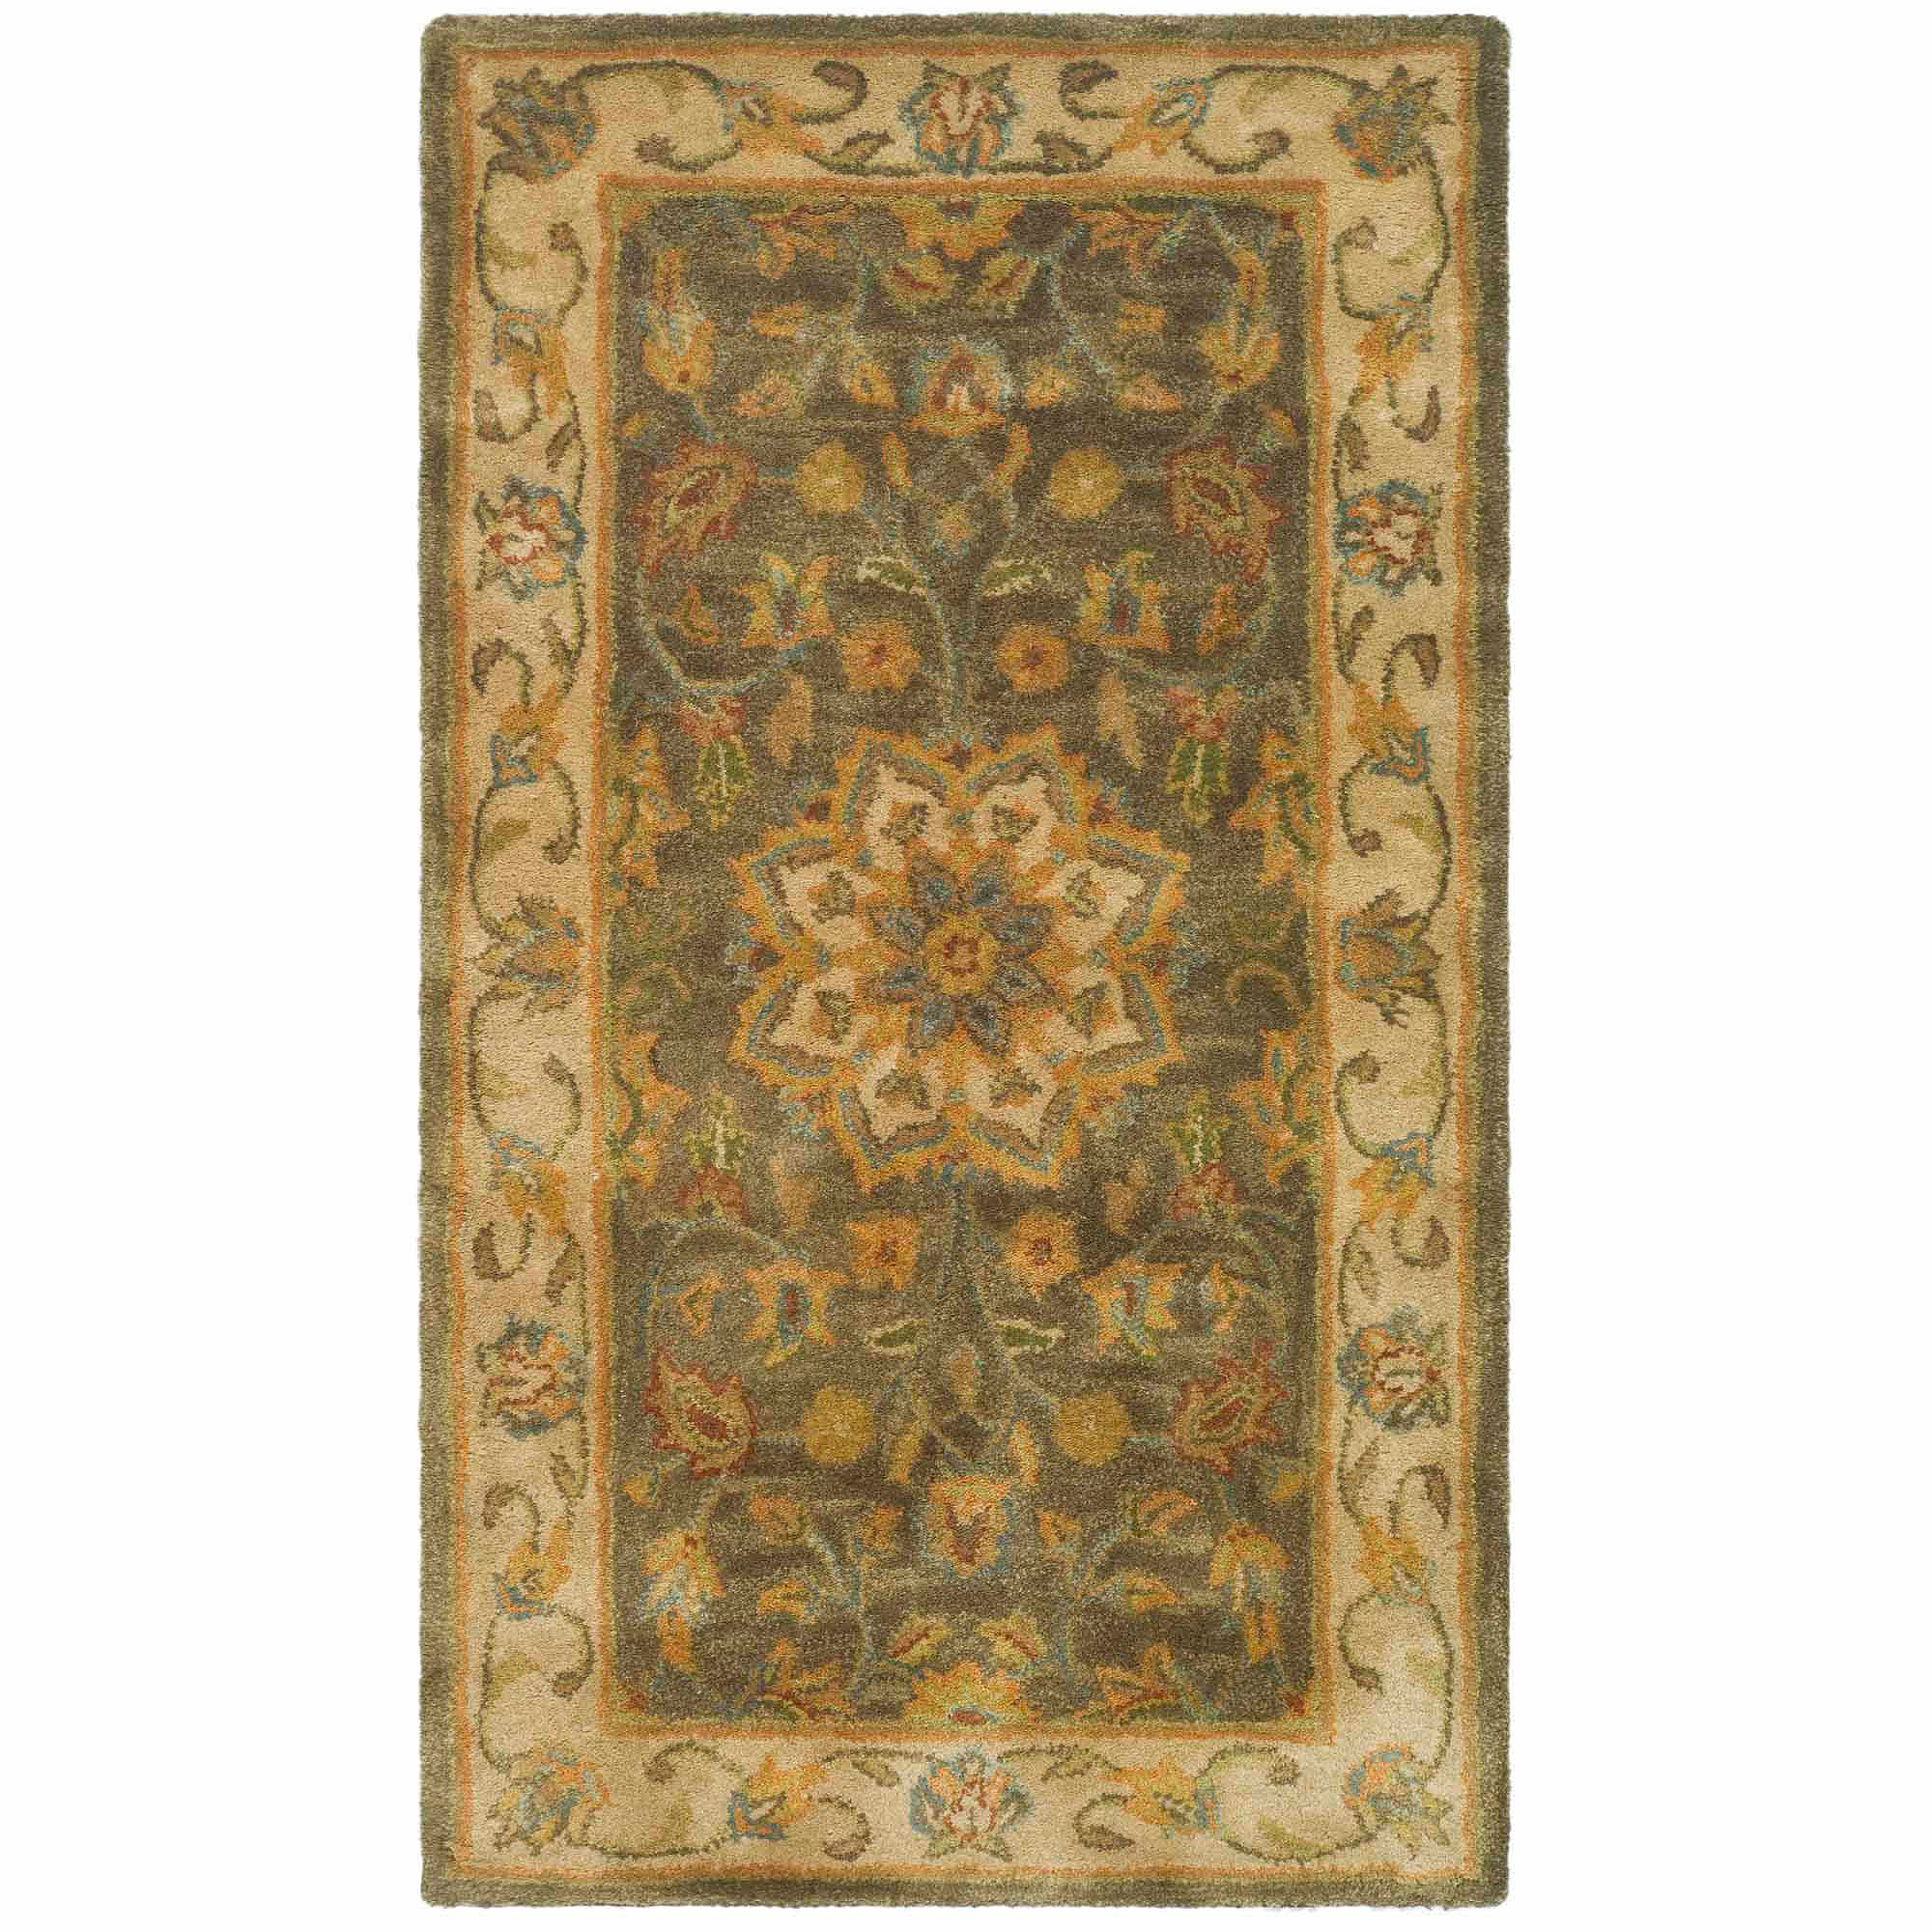 Safavieh Heritage Lennox Hand-Tufted Wool Area Rug